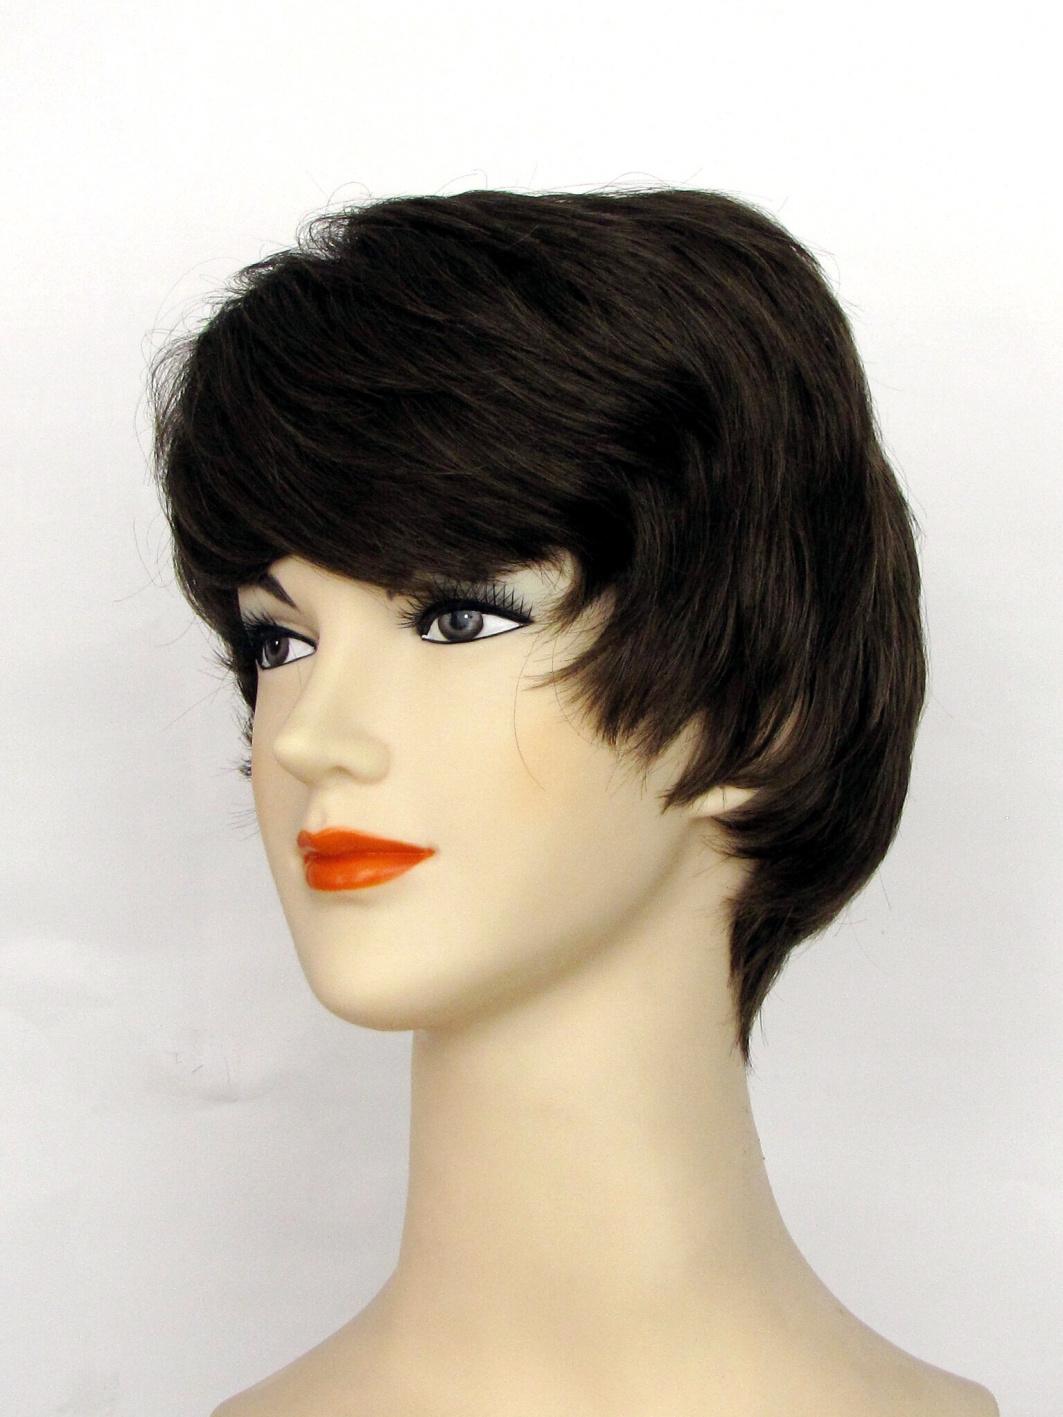 Paruka CLAIR 10R - velmi kvalitní paruka z umělých vlasů